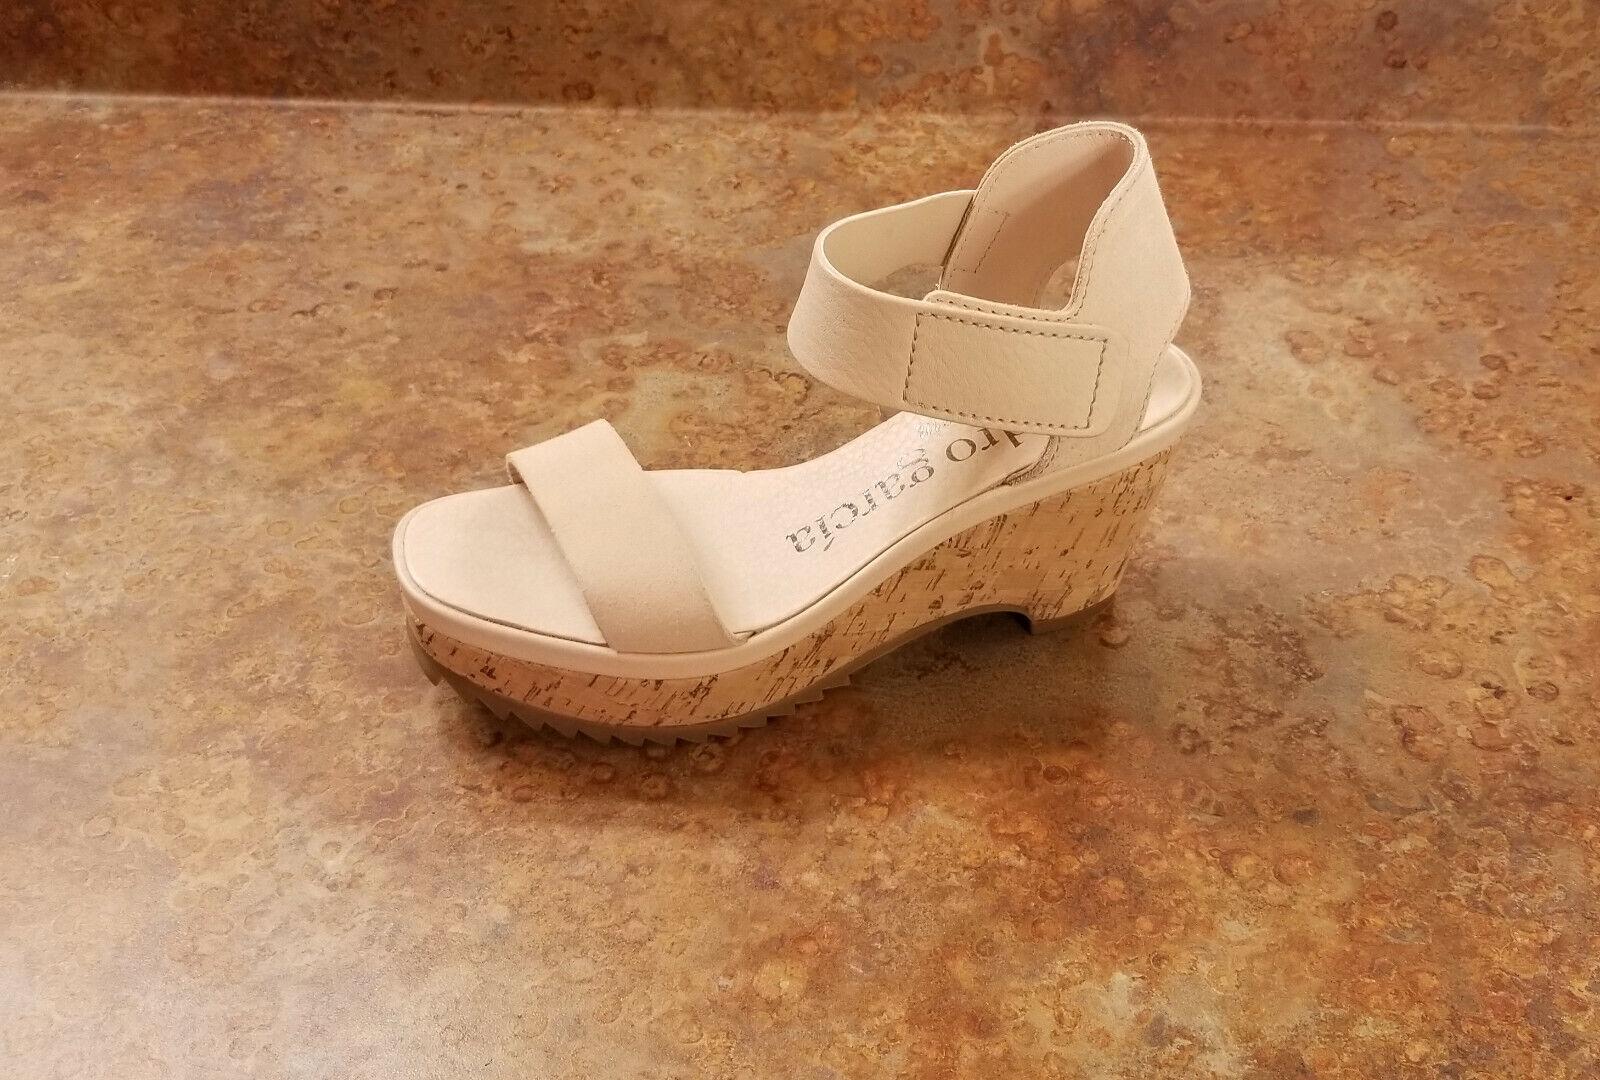 New  Pedro Garcia 'Franses' Platform Sandal Beige Größe 6.5 US 36.5 Eur MSRP  525